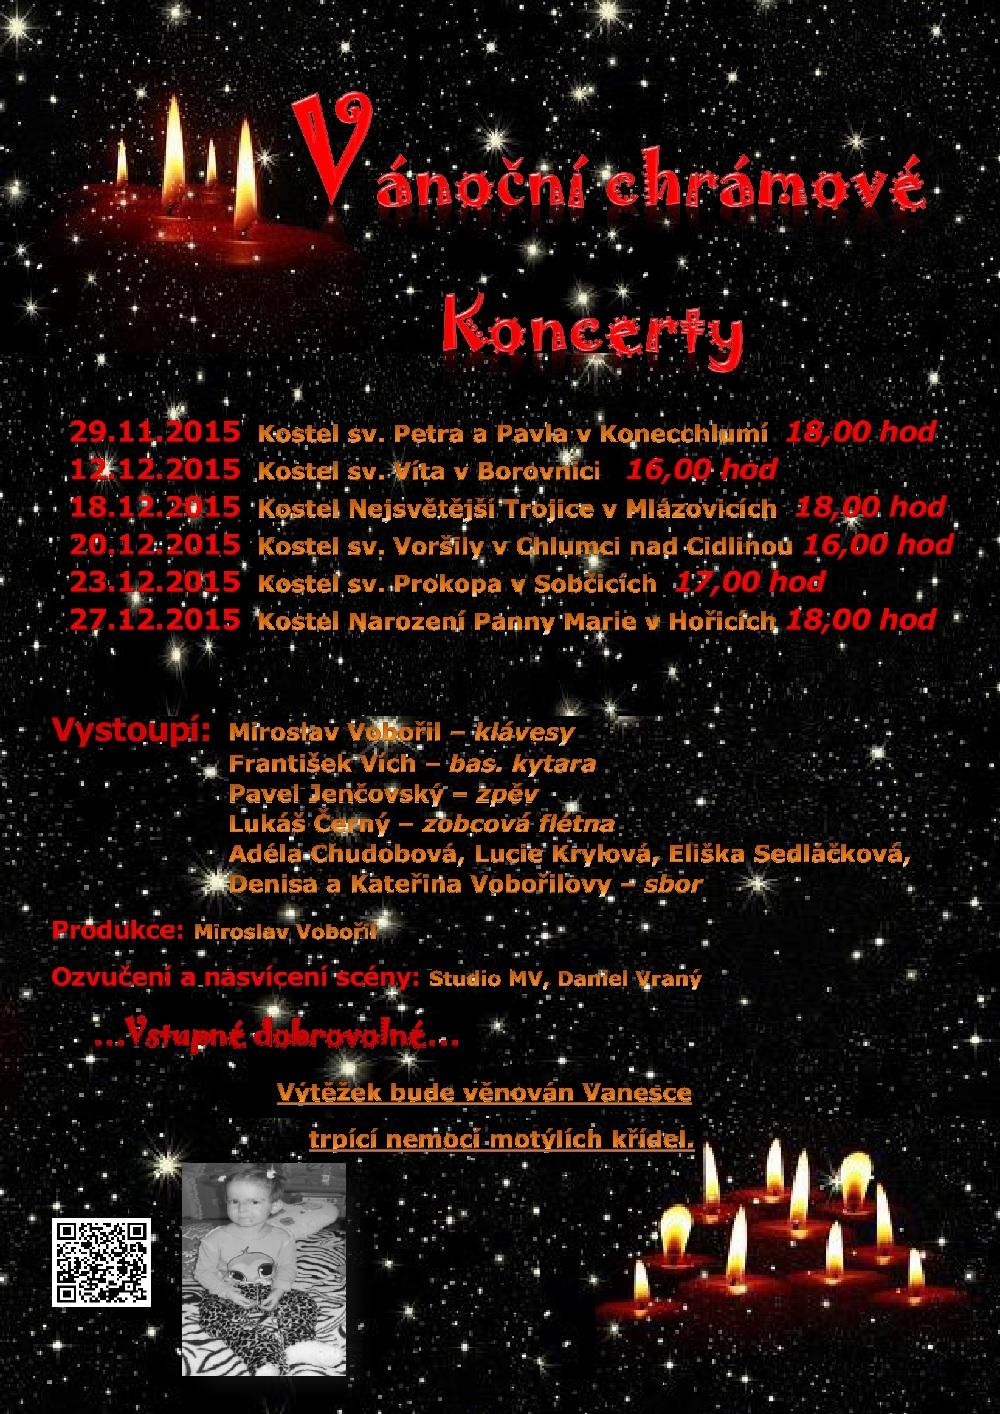 Vánoční chrámové koncerty - podpora pro Vanesku